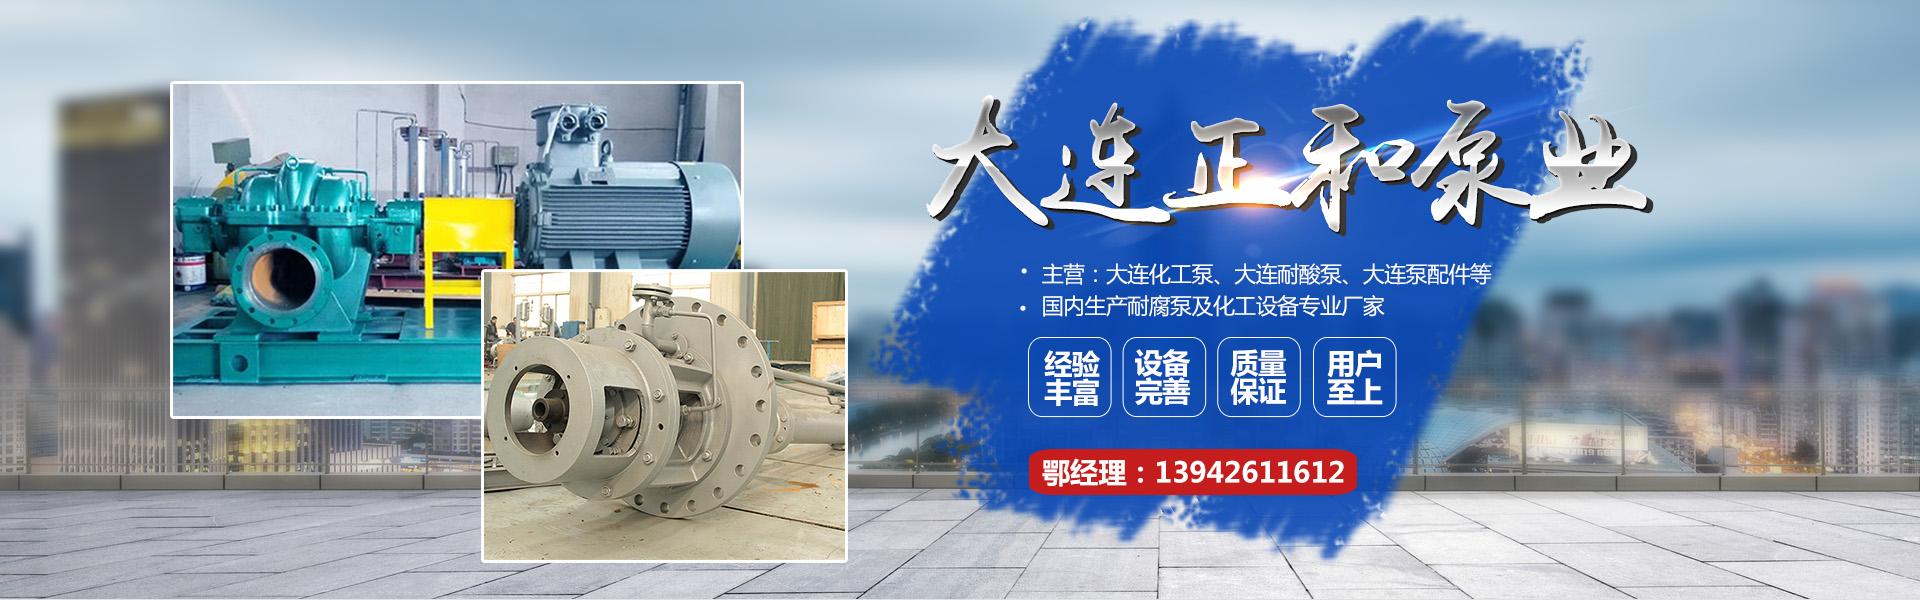 大连化工泵 大连化工泵厂家 大连耐腐蚀泵 大连热水泵 大连强自吸泵